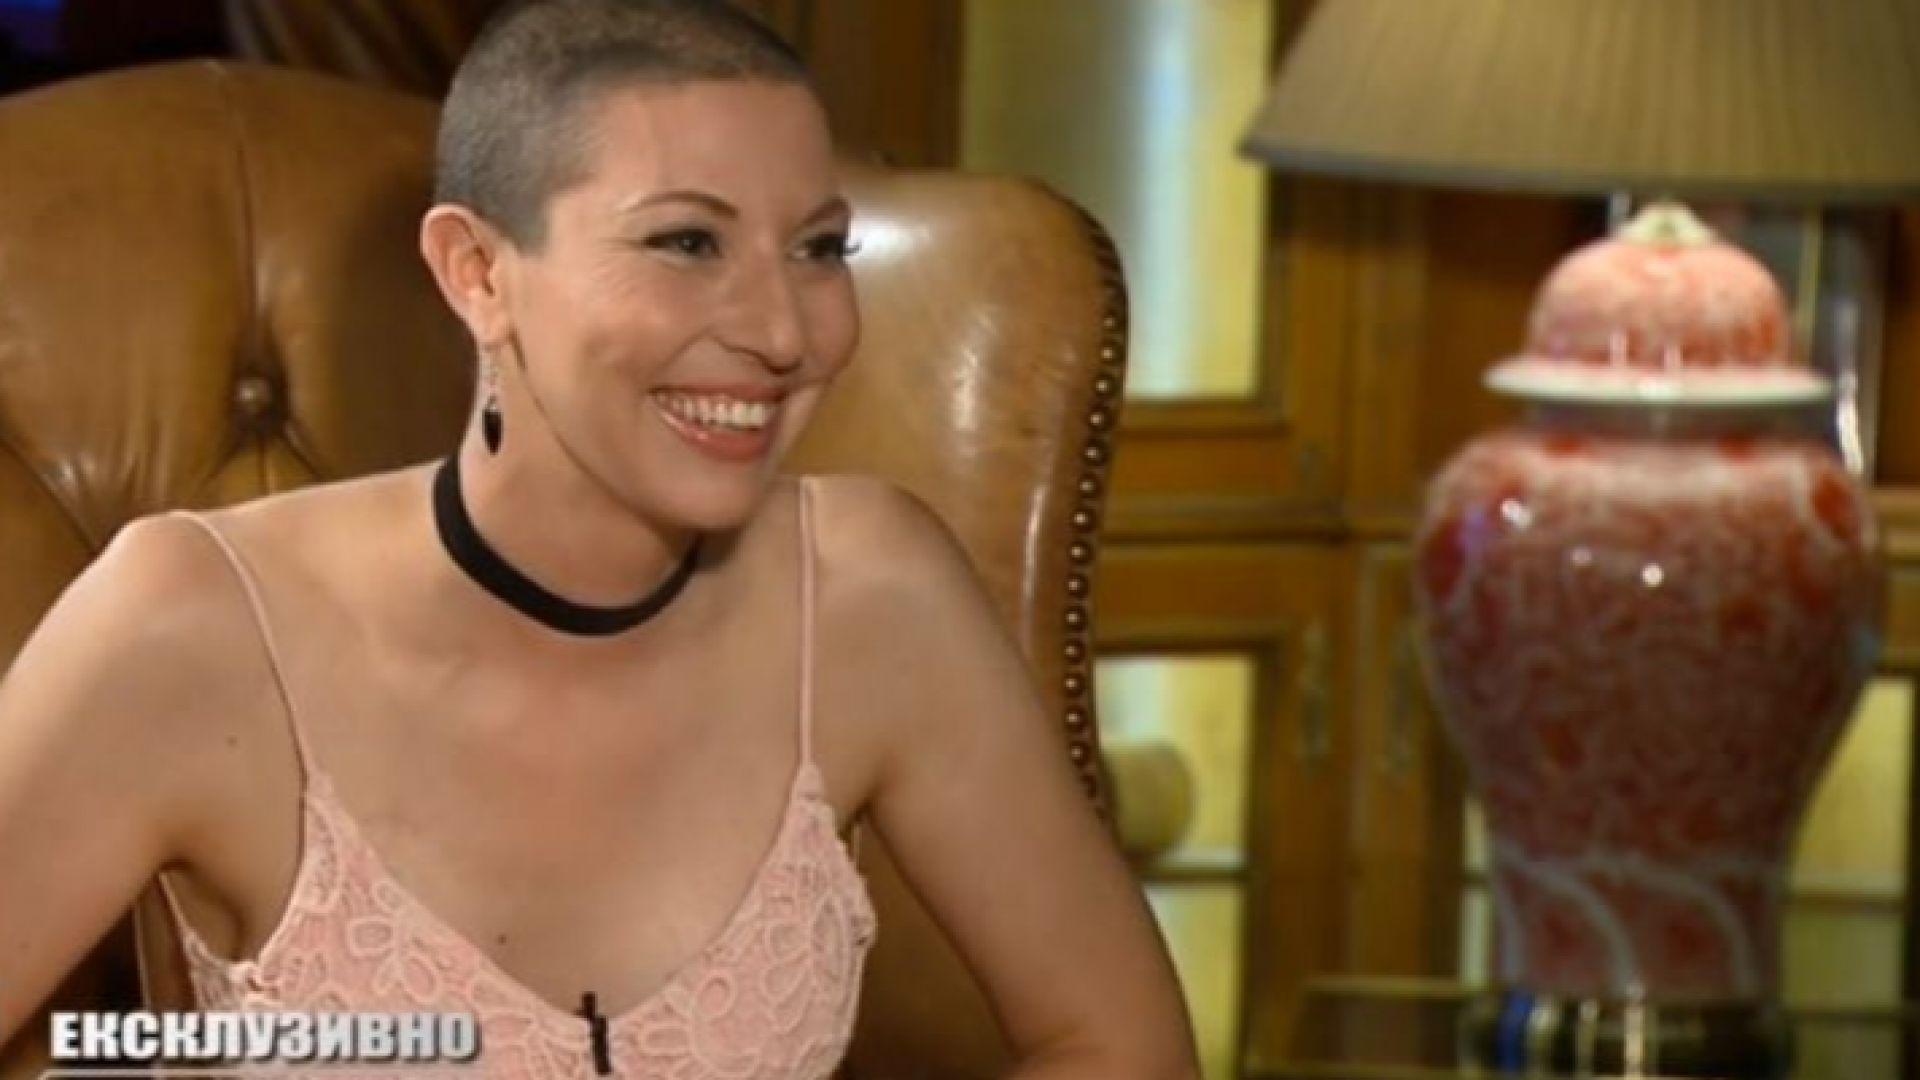 Супер Бианка: Ракът не подбира националност или религия, той се случва на всеки